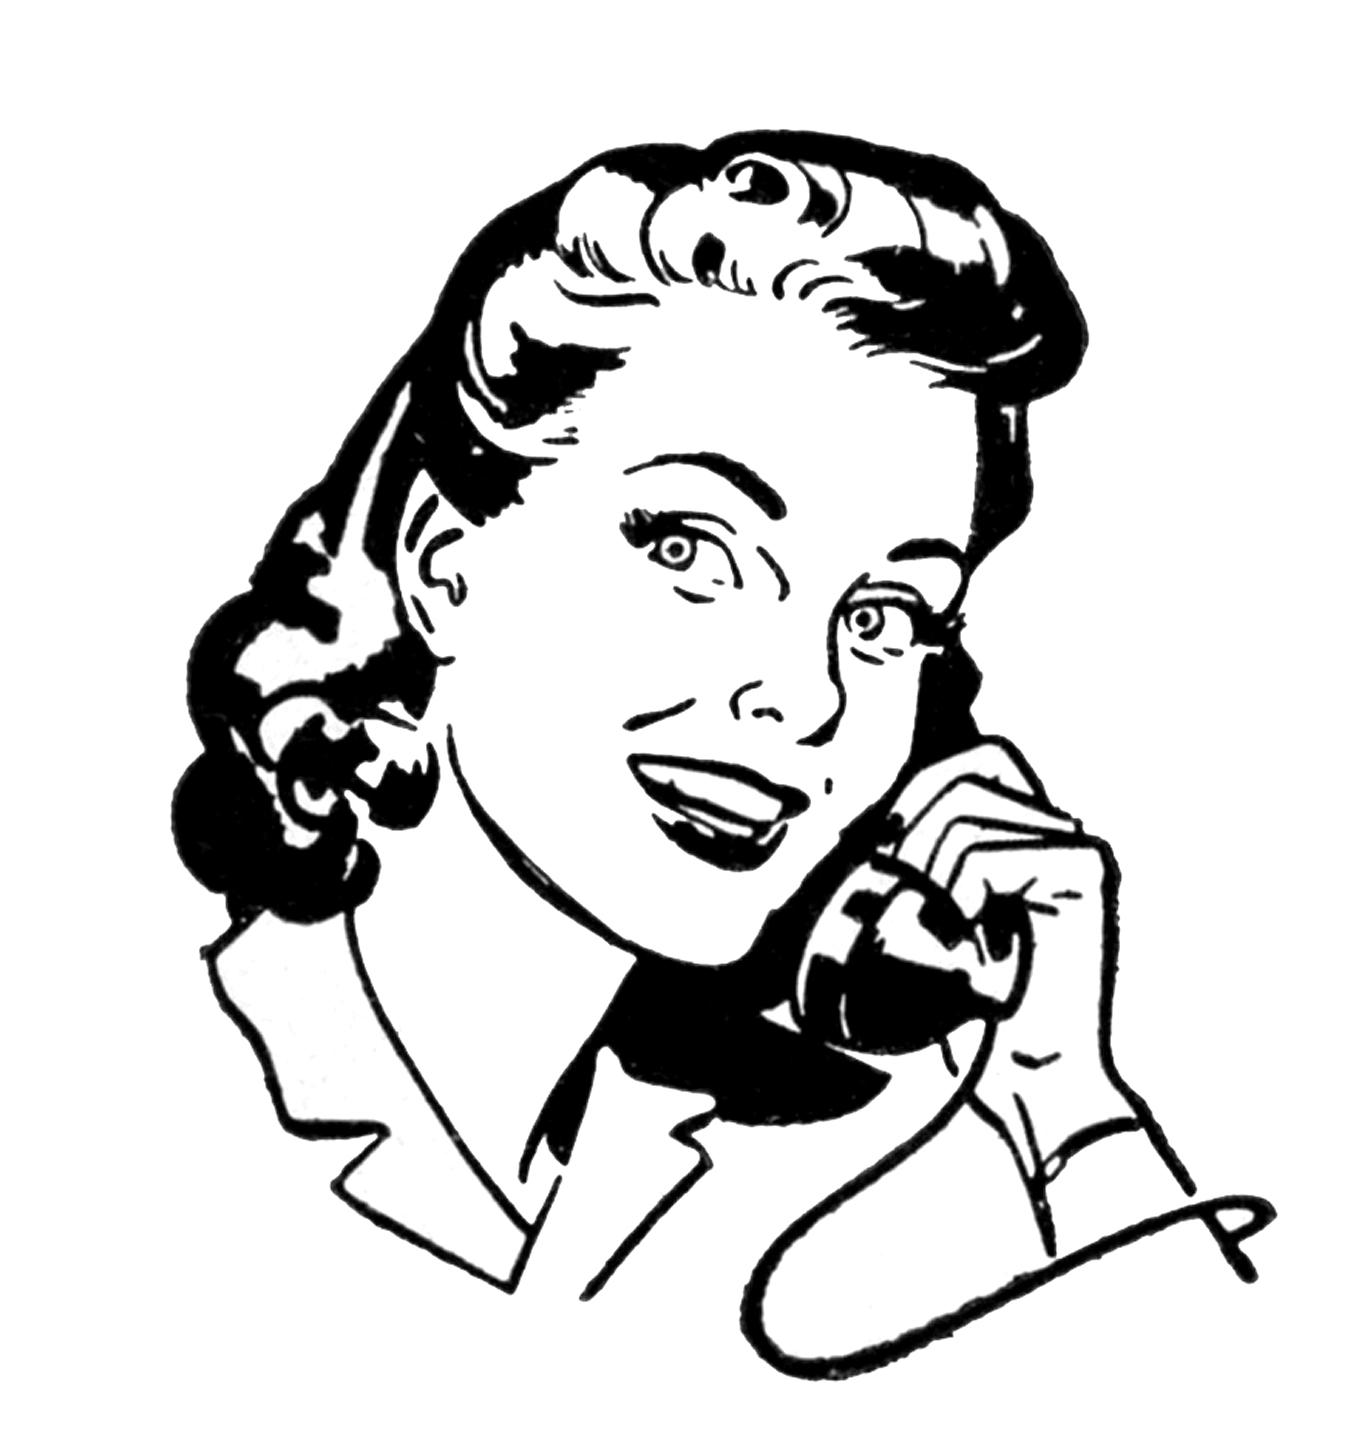 phone-lady-retro-image-graphics-fairy11